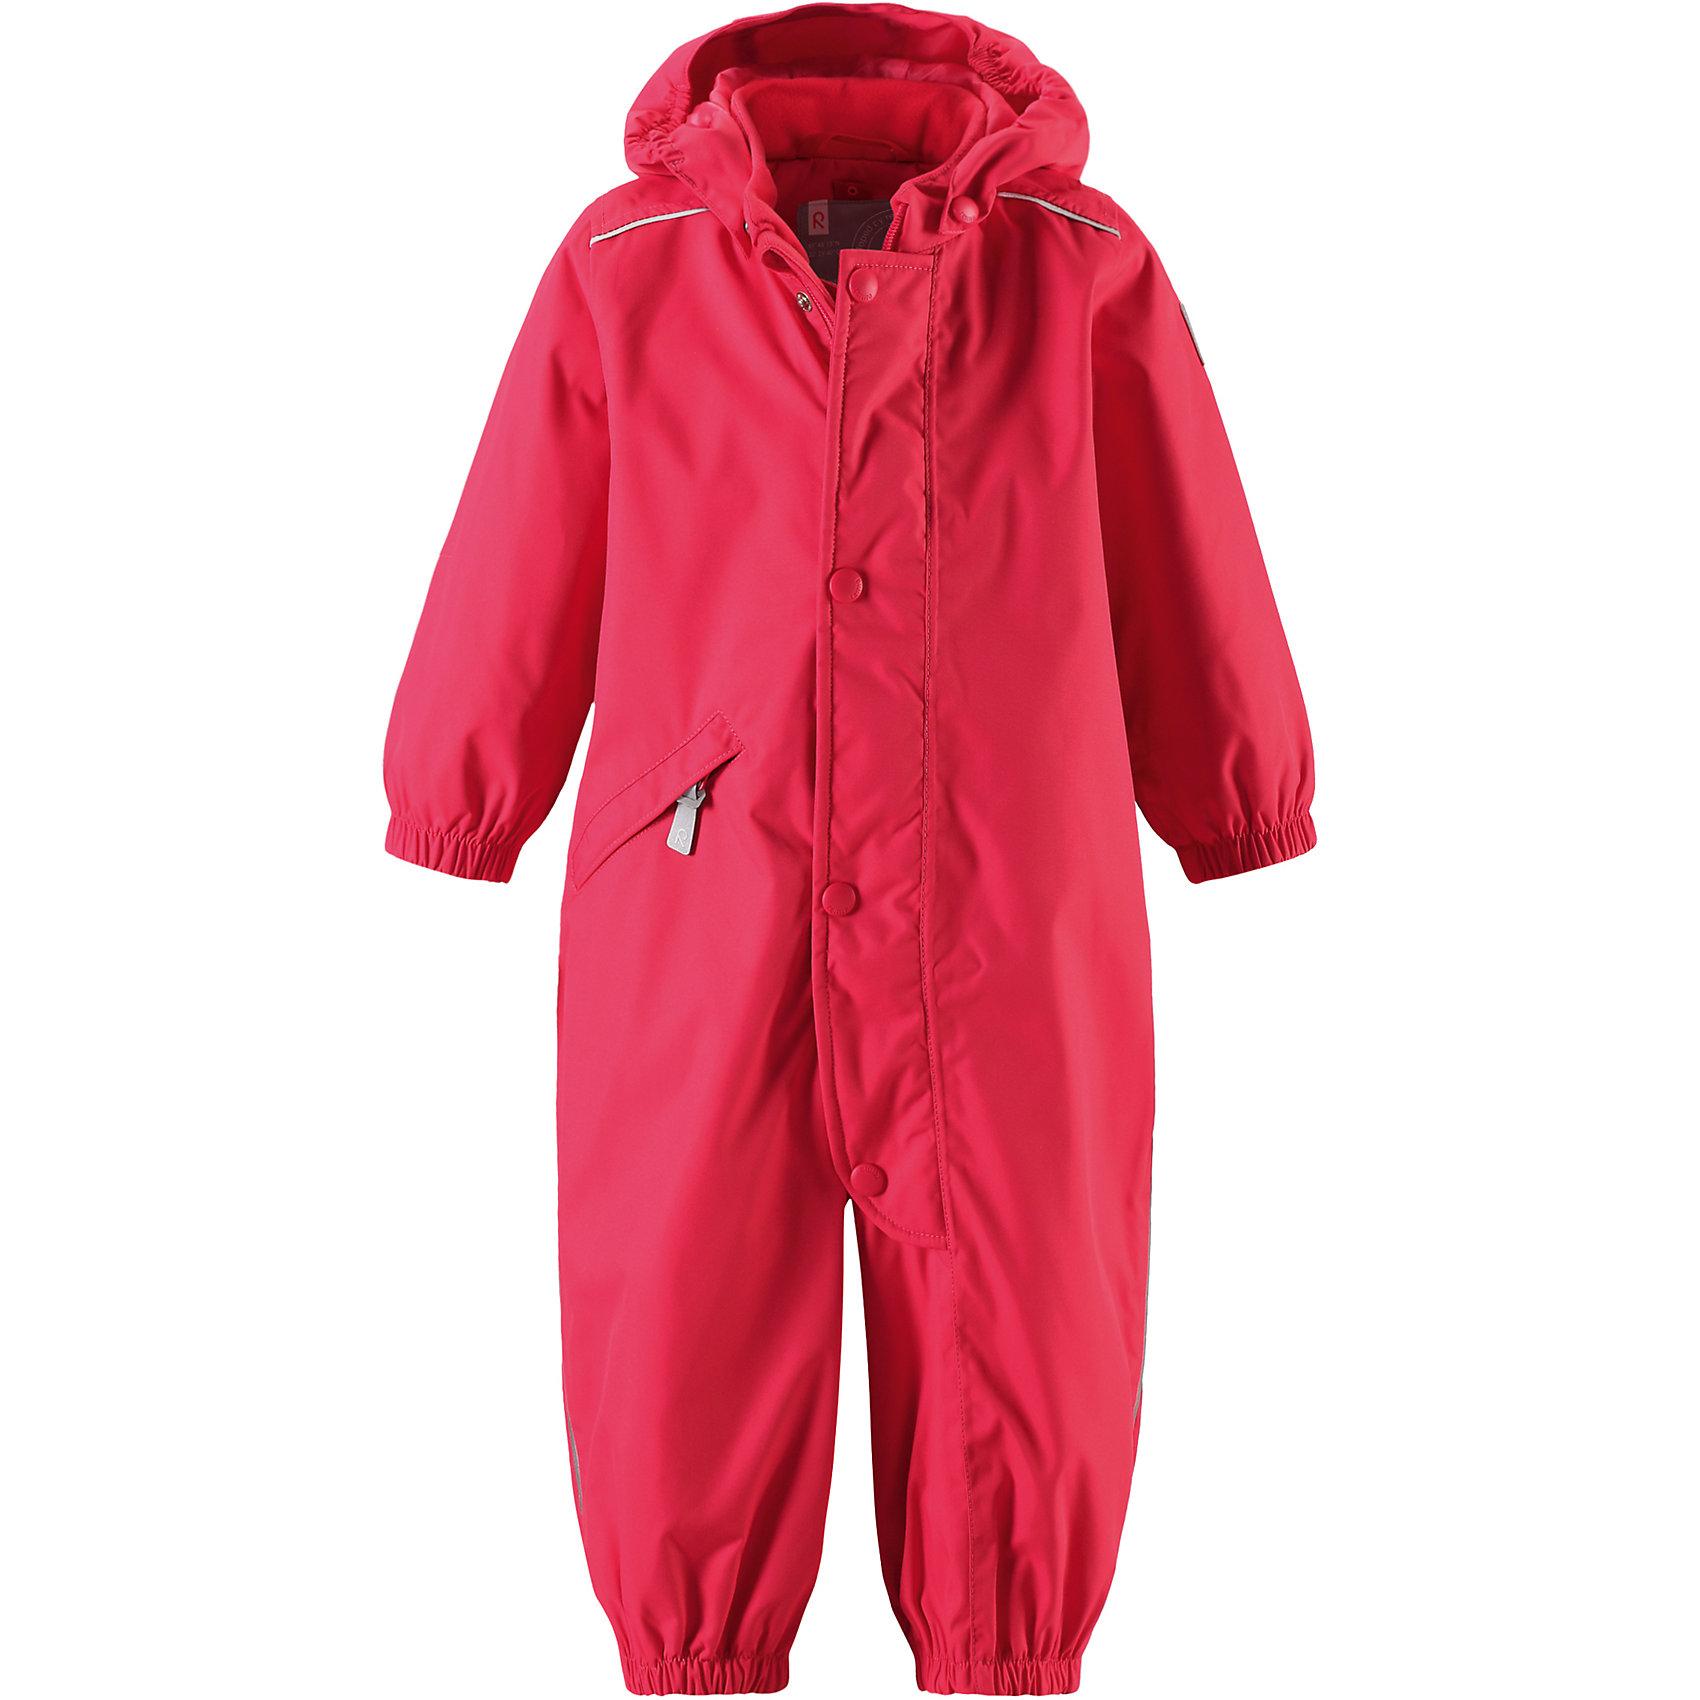 Комбинезон Fudge для девочки Reimatec® ReimaВерхняя одежда<br>Характеристики товара:<br><br>• цвет: красный<br>• состав: 100% полиэстер, полиуретановое покрытие<br>• температурный режим: от +5° до +15°С<br>• водонепроницаемость: 15000 мм<br>• воздухопроницаемость: 5000 мм<br>• износостойкость: 40000 циклов (тест Мартиндейла)<br>• без утеплителя<br>• швы проклеены, водонепроницаемы<br>• водо- и ветронепроницаемый, дышащий, грязеотталкивающий материал<br>• гладкая подкладка из полиэстера по всему изделию, mtsh-сетка на капюшоне<br>• безопасный съёмный капюшон<br>• эластичные манжеты<br>• прочные съёмные силиконовые штрипки<br>• длинная застёжка на молнии облегчает надевание<br>• карман на молнии<br>• комфортная посадка<br>• страна производства: Китай<br>• страна бренда: Финляндия<br>• коллекция: весна-лето 2017<br><br>Верхняя одежда для детей может быть модной и комфортной одновременно! Демисезонный комбинезон поможет обеспечить ребенку комфорт и тепло. Он отлично смотрится с различной обувью. Изделие удобно сидит и модно выглядит. Материал - прочный, хорошо подходящий для межсезонья, водо- и ветронепроницаемый, «дышащий». Стильный дизайн разрабатывался специально для детей.<br><br>Одежда и обувь от финского бренда Reima пользуется популярностью во многих странах. Эти изделия стильные, качественные и удобные. Для производства продукции используются только безопасные, проверенные материалы и фурнитура. Порадуйте ребенка модными и красивыми вещами от Reima! <br><br>Комбинезон для девочки Reimatec® от финского бренда Reima (Рейма) можно купить в нашем интернет-магазине.<br><br>Ширина мм: 356<br>Глубина мм: 10<br>Высота мм: 245<br>Вес г: 519<br>Цвет: розовый<br>Возраст от месяцев: 24<br>Возраст до месяцев: 36<br>Пол: Женский<br>Возраст: Детский<br>Размер: 98,92,74,80,86<br>SKU: 5265640